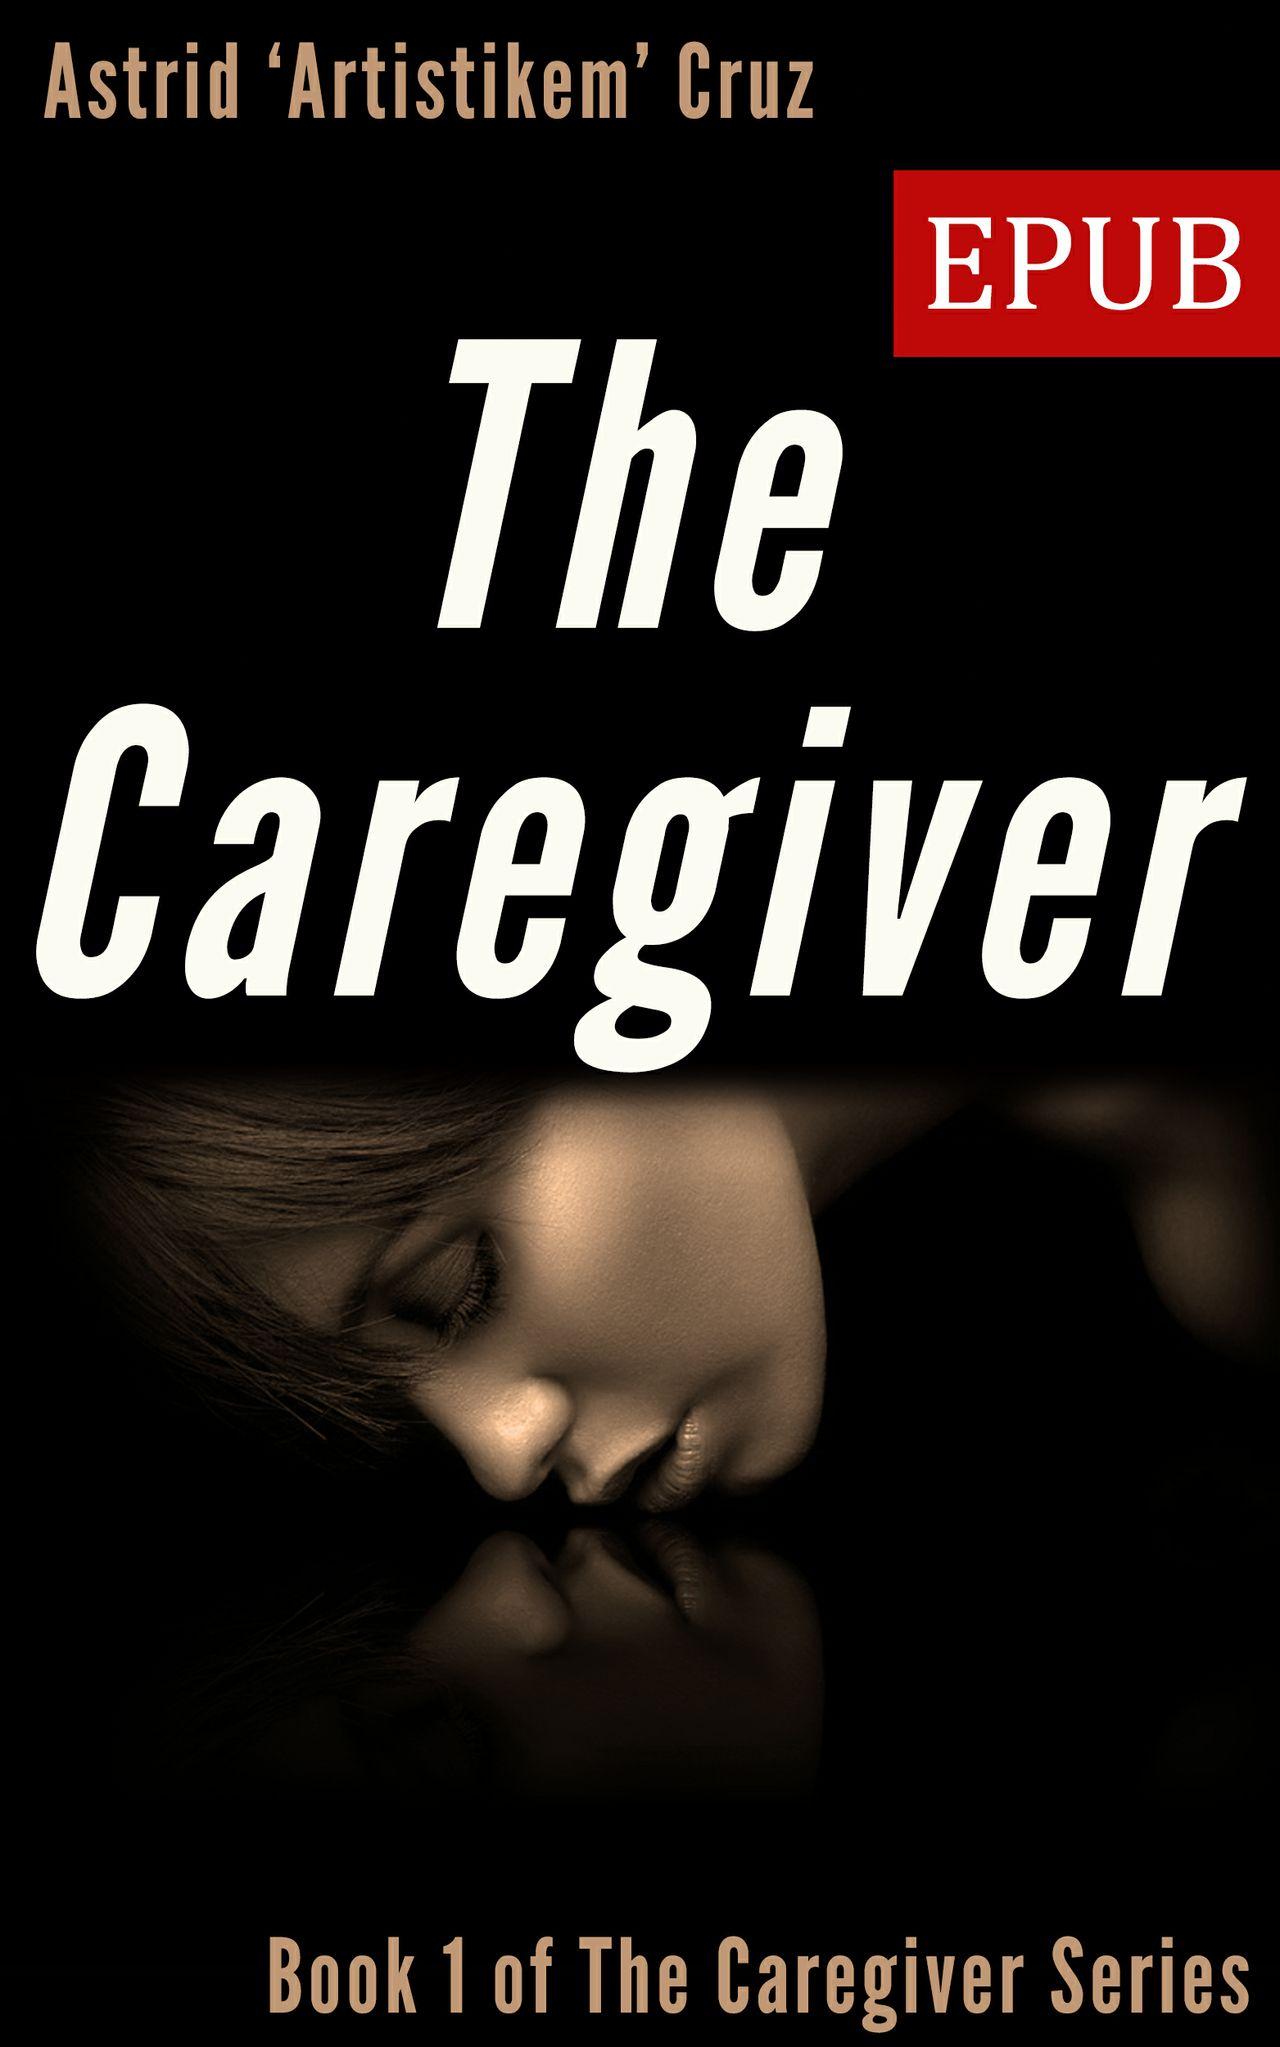 The Caregiver (Book 1 of The Caregiver Series) - ePub